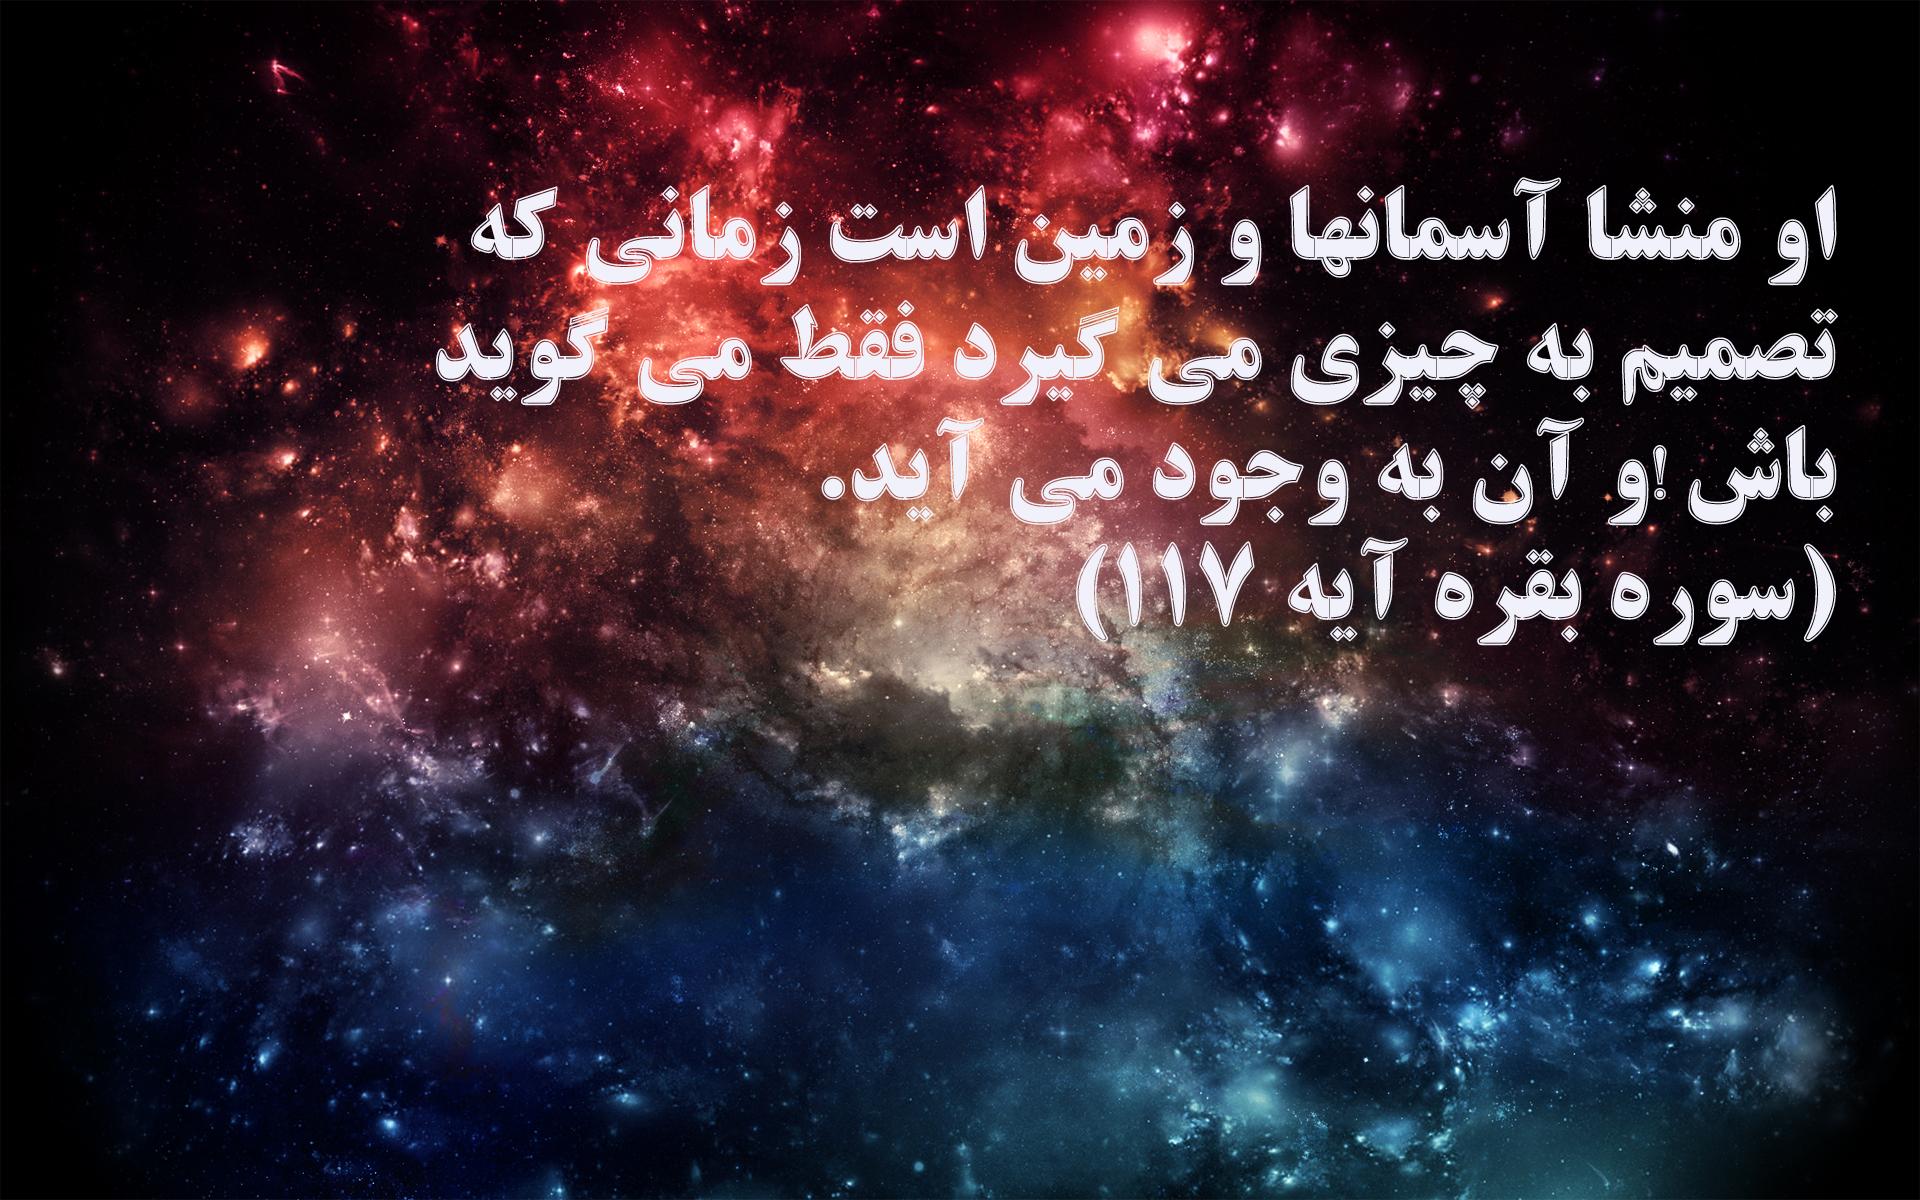 سوال جوانک و جواب مرد دانا در مورد وجود خدا !